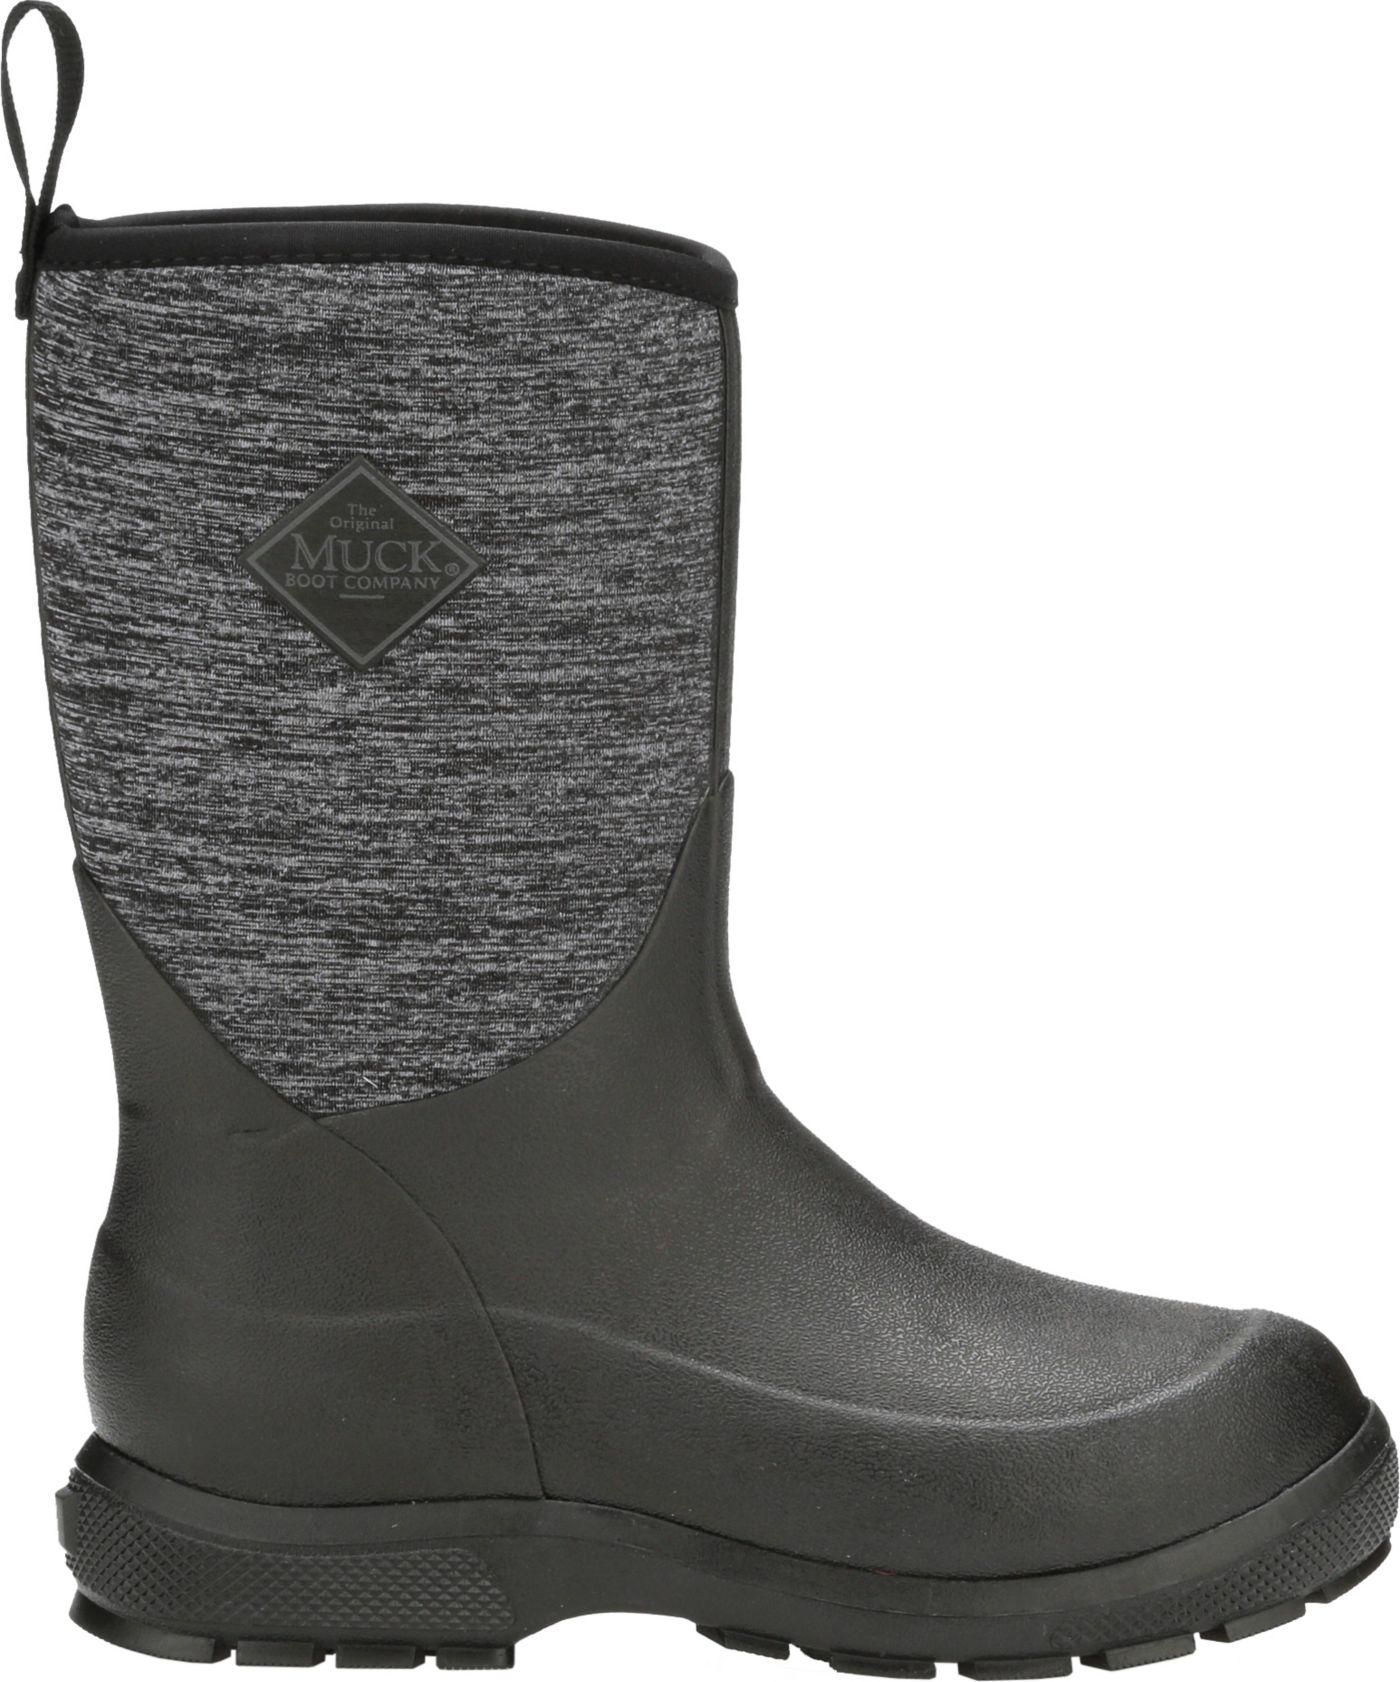 Muck Boots Kids' Element Jersey Waterproof Winter Boots